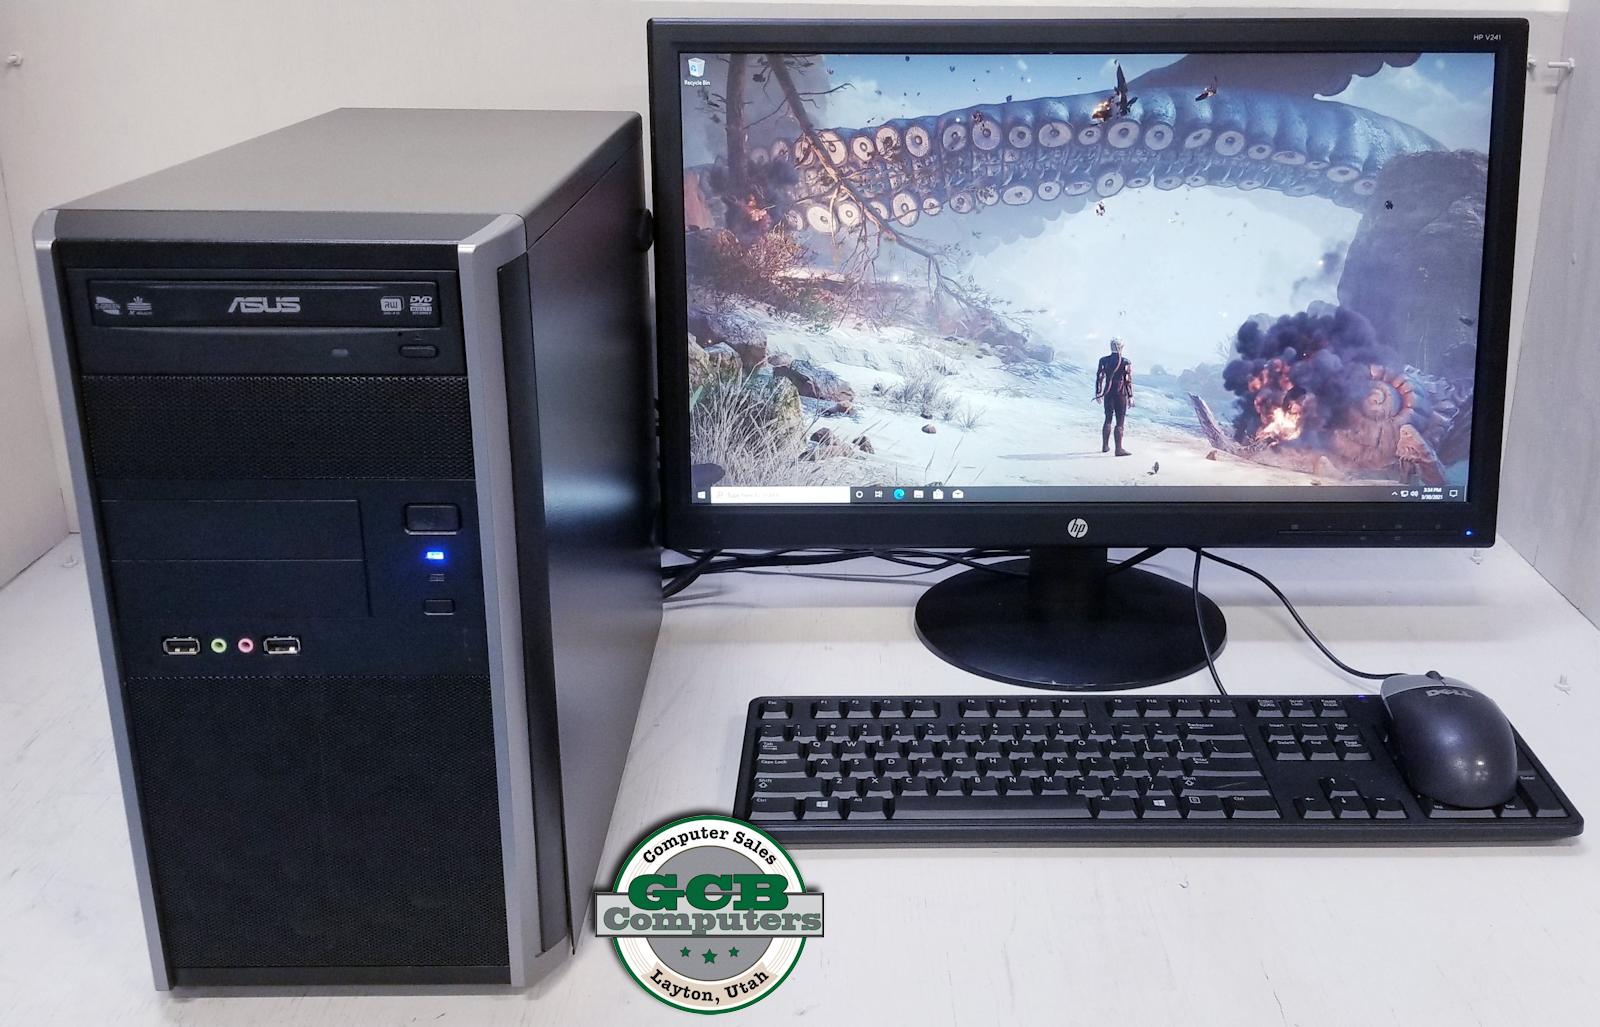 $350 Custom i7-4770s Radeon HD 7770 256GB SSD 2TB HDD